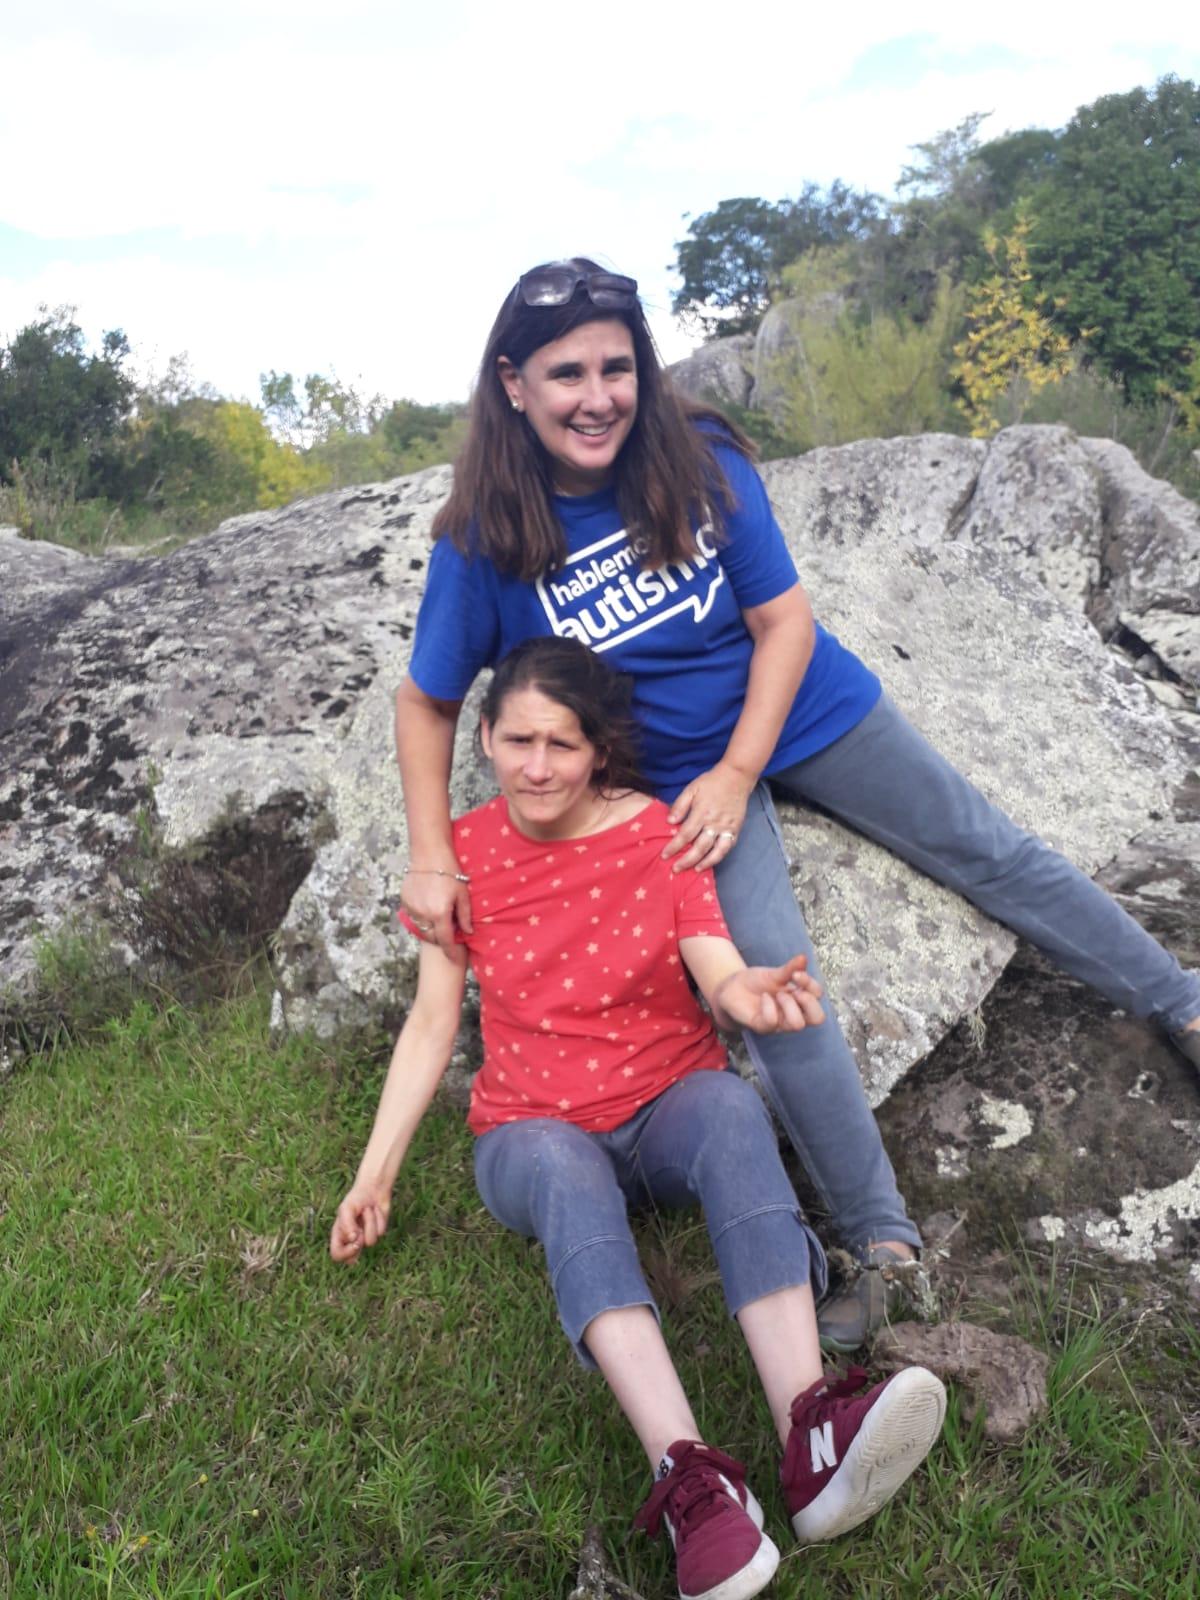 Presidenta de AMPAU- Florecer,Andrea Crosa, junto a su hija Florencia